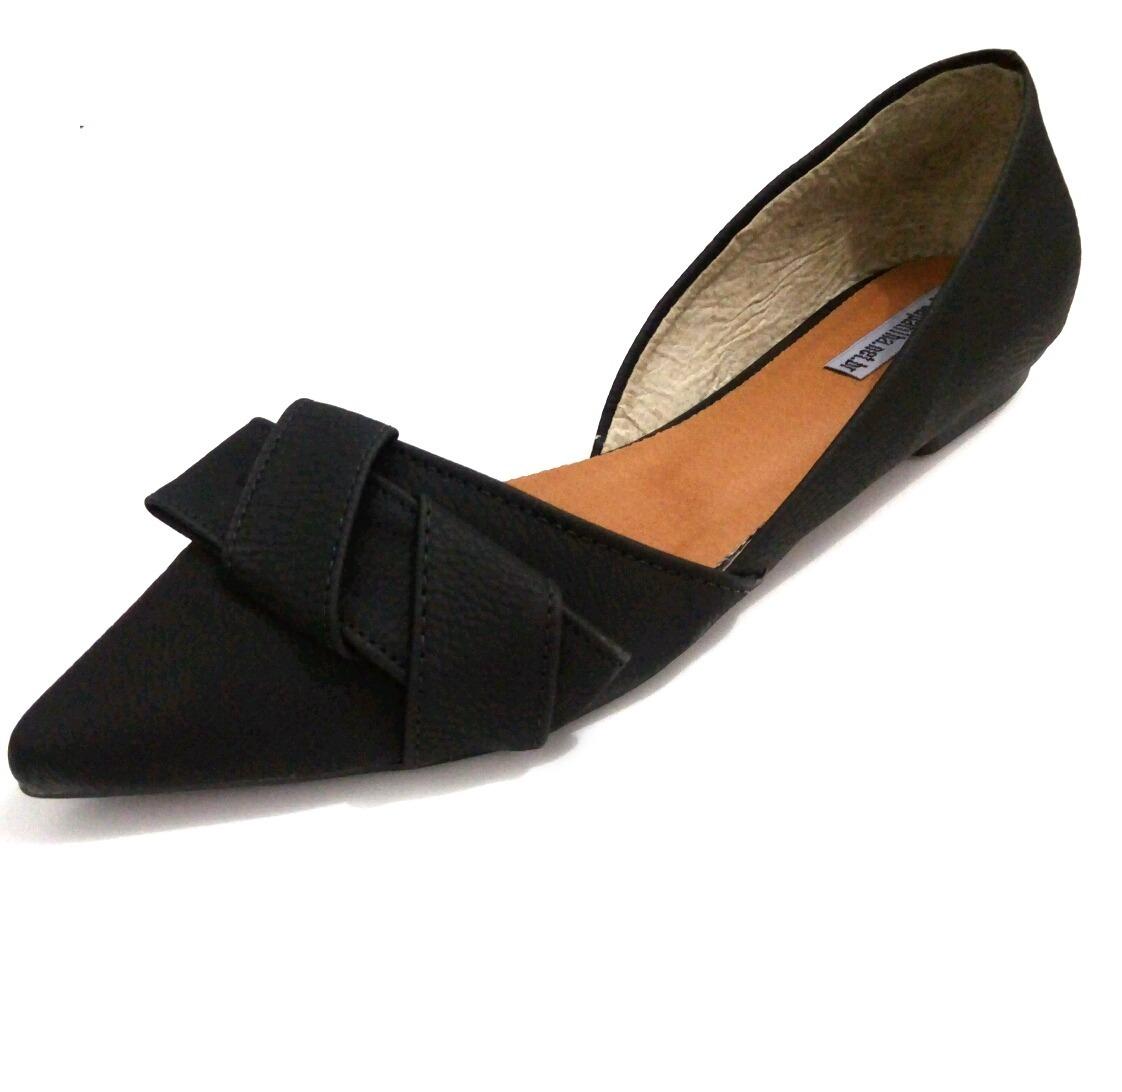 eea379ae6 sapatilha bico fino preto sapato social feminino casual. Carregando zoom.